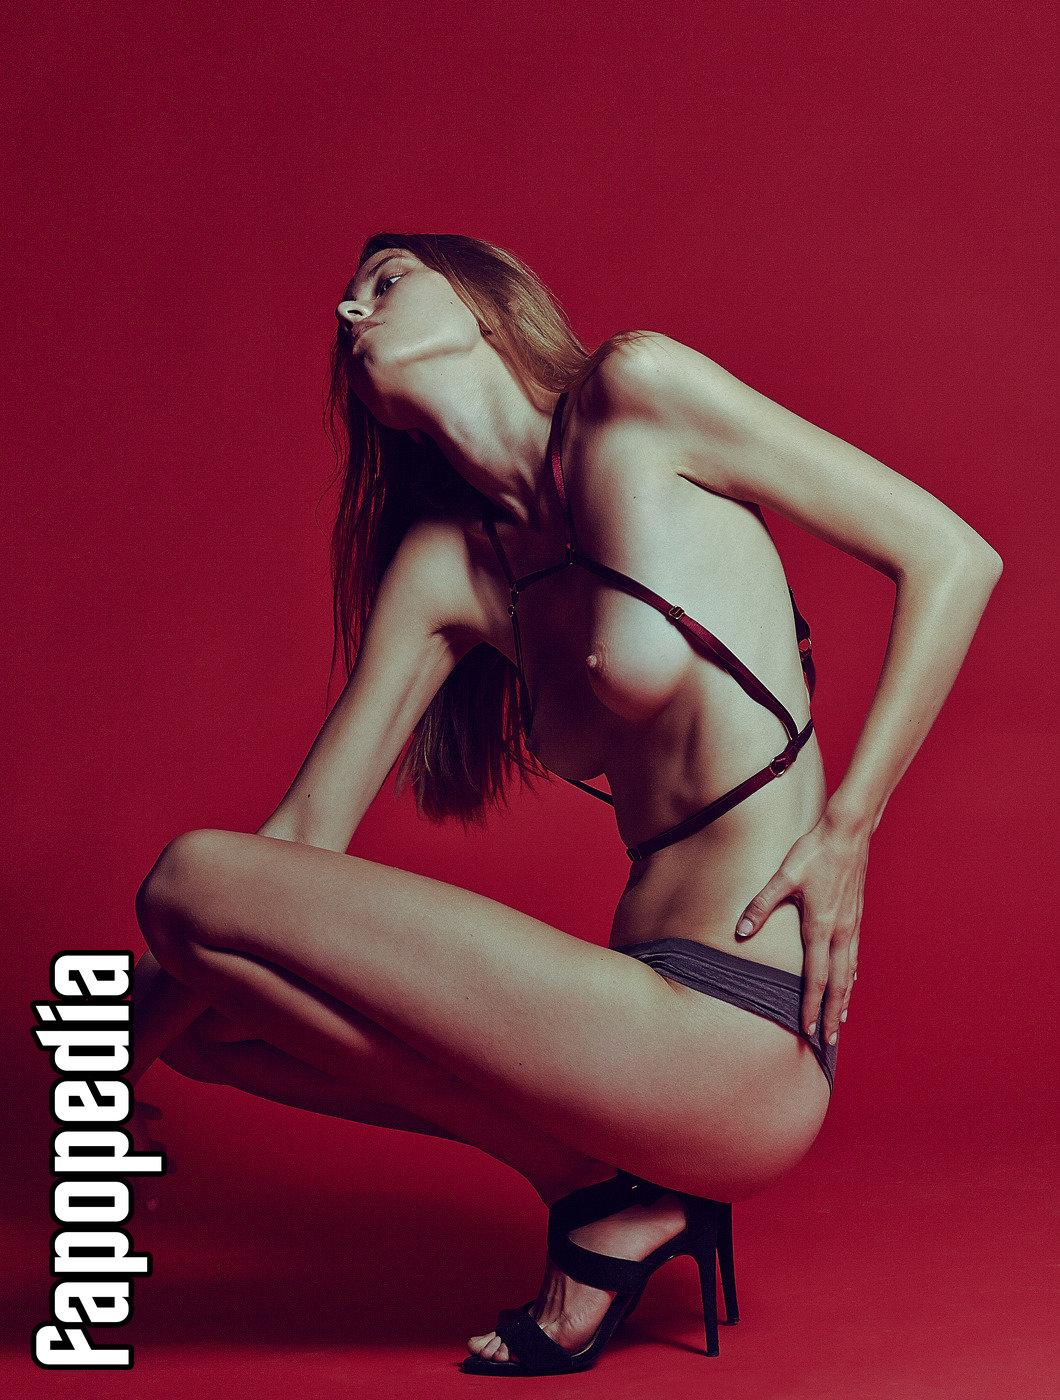 Lena Curbacova Nude Leaks